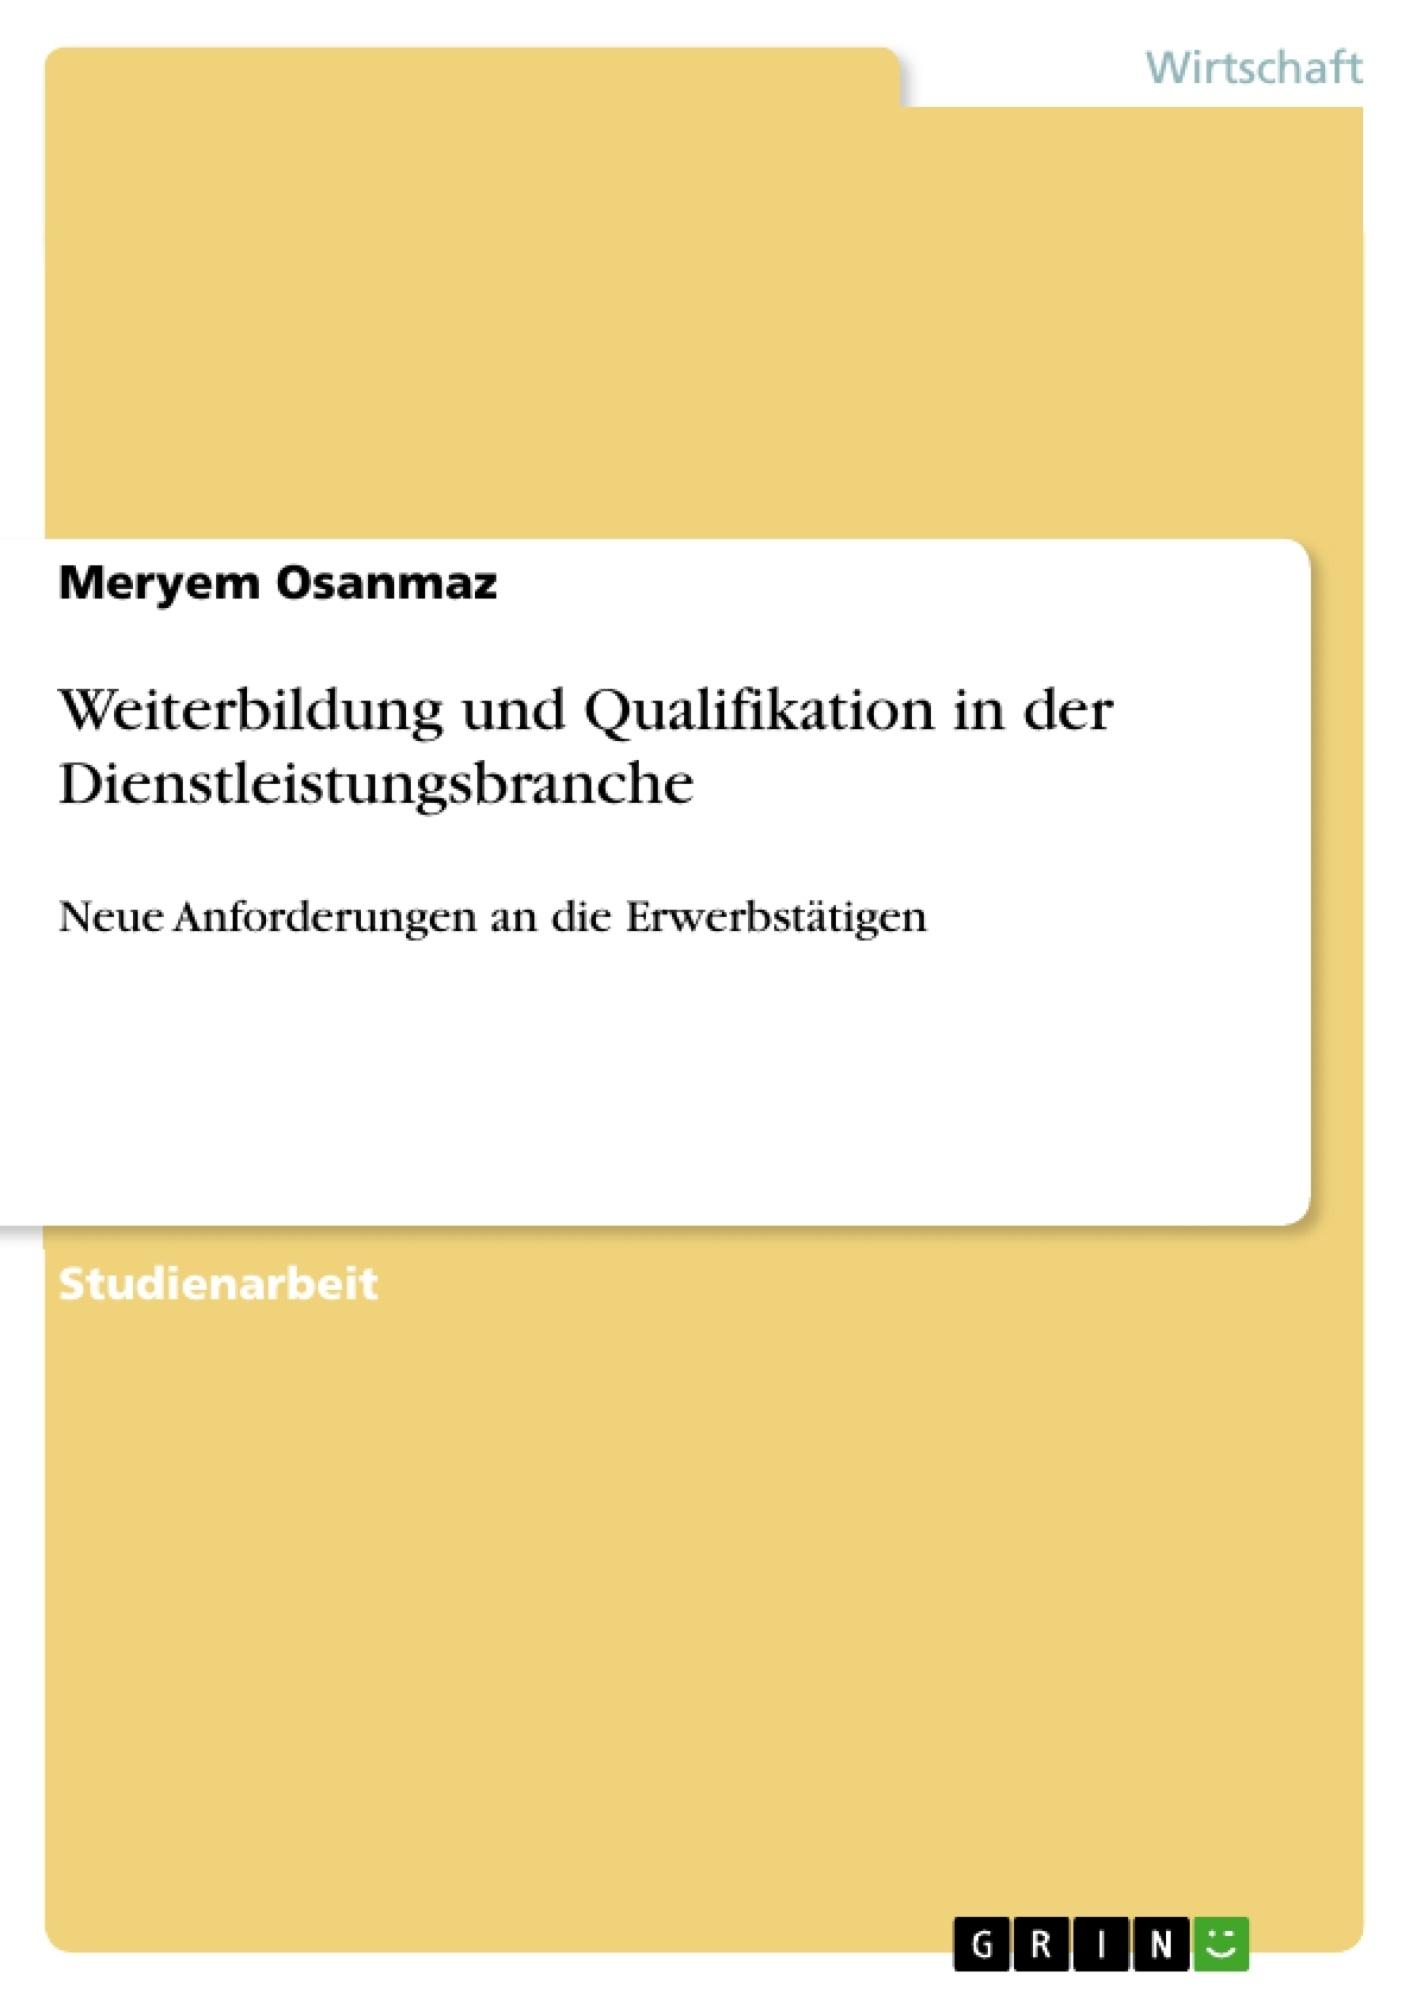 Titel: Weiterbildung und Qualifikation in der Dienstleistungsbranche